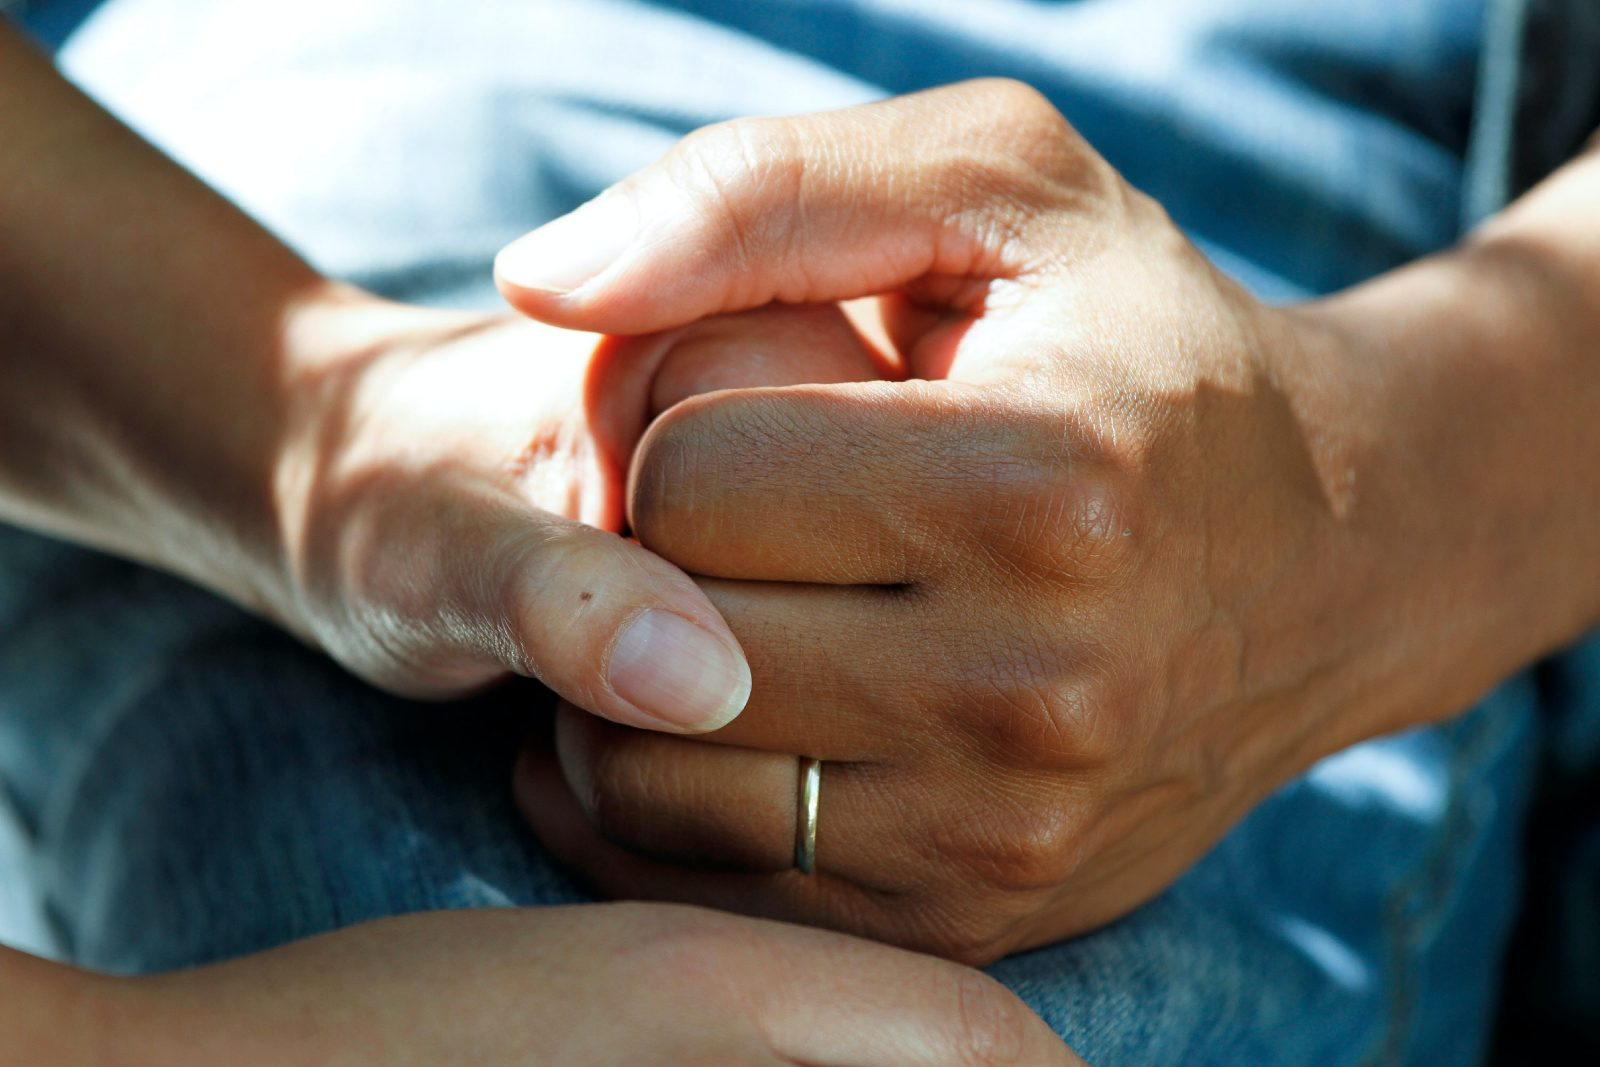 Hausse de 67 % des cas d'aide médicale à mourir